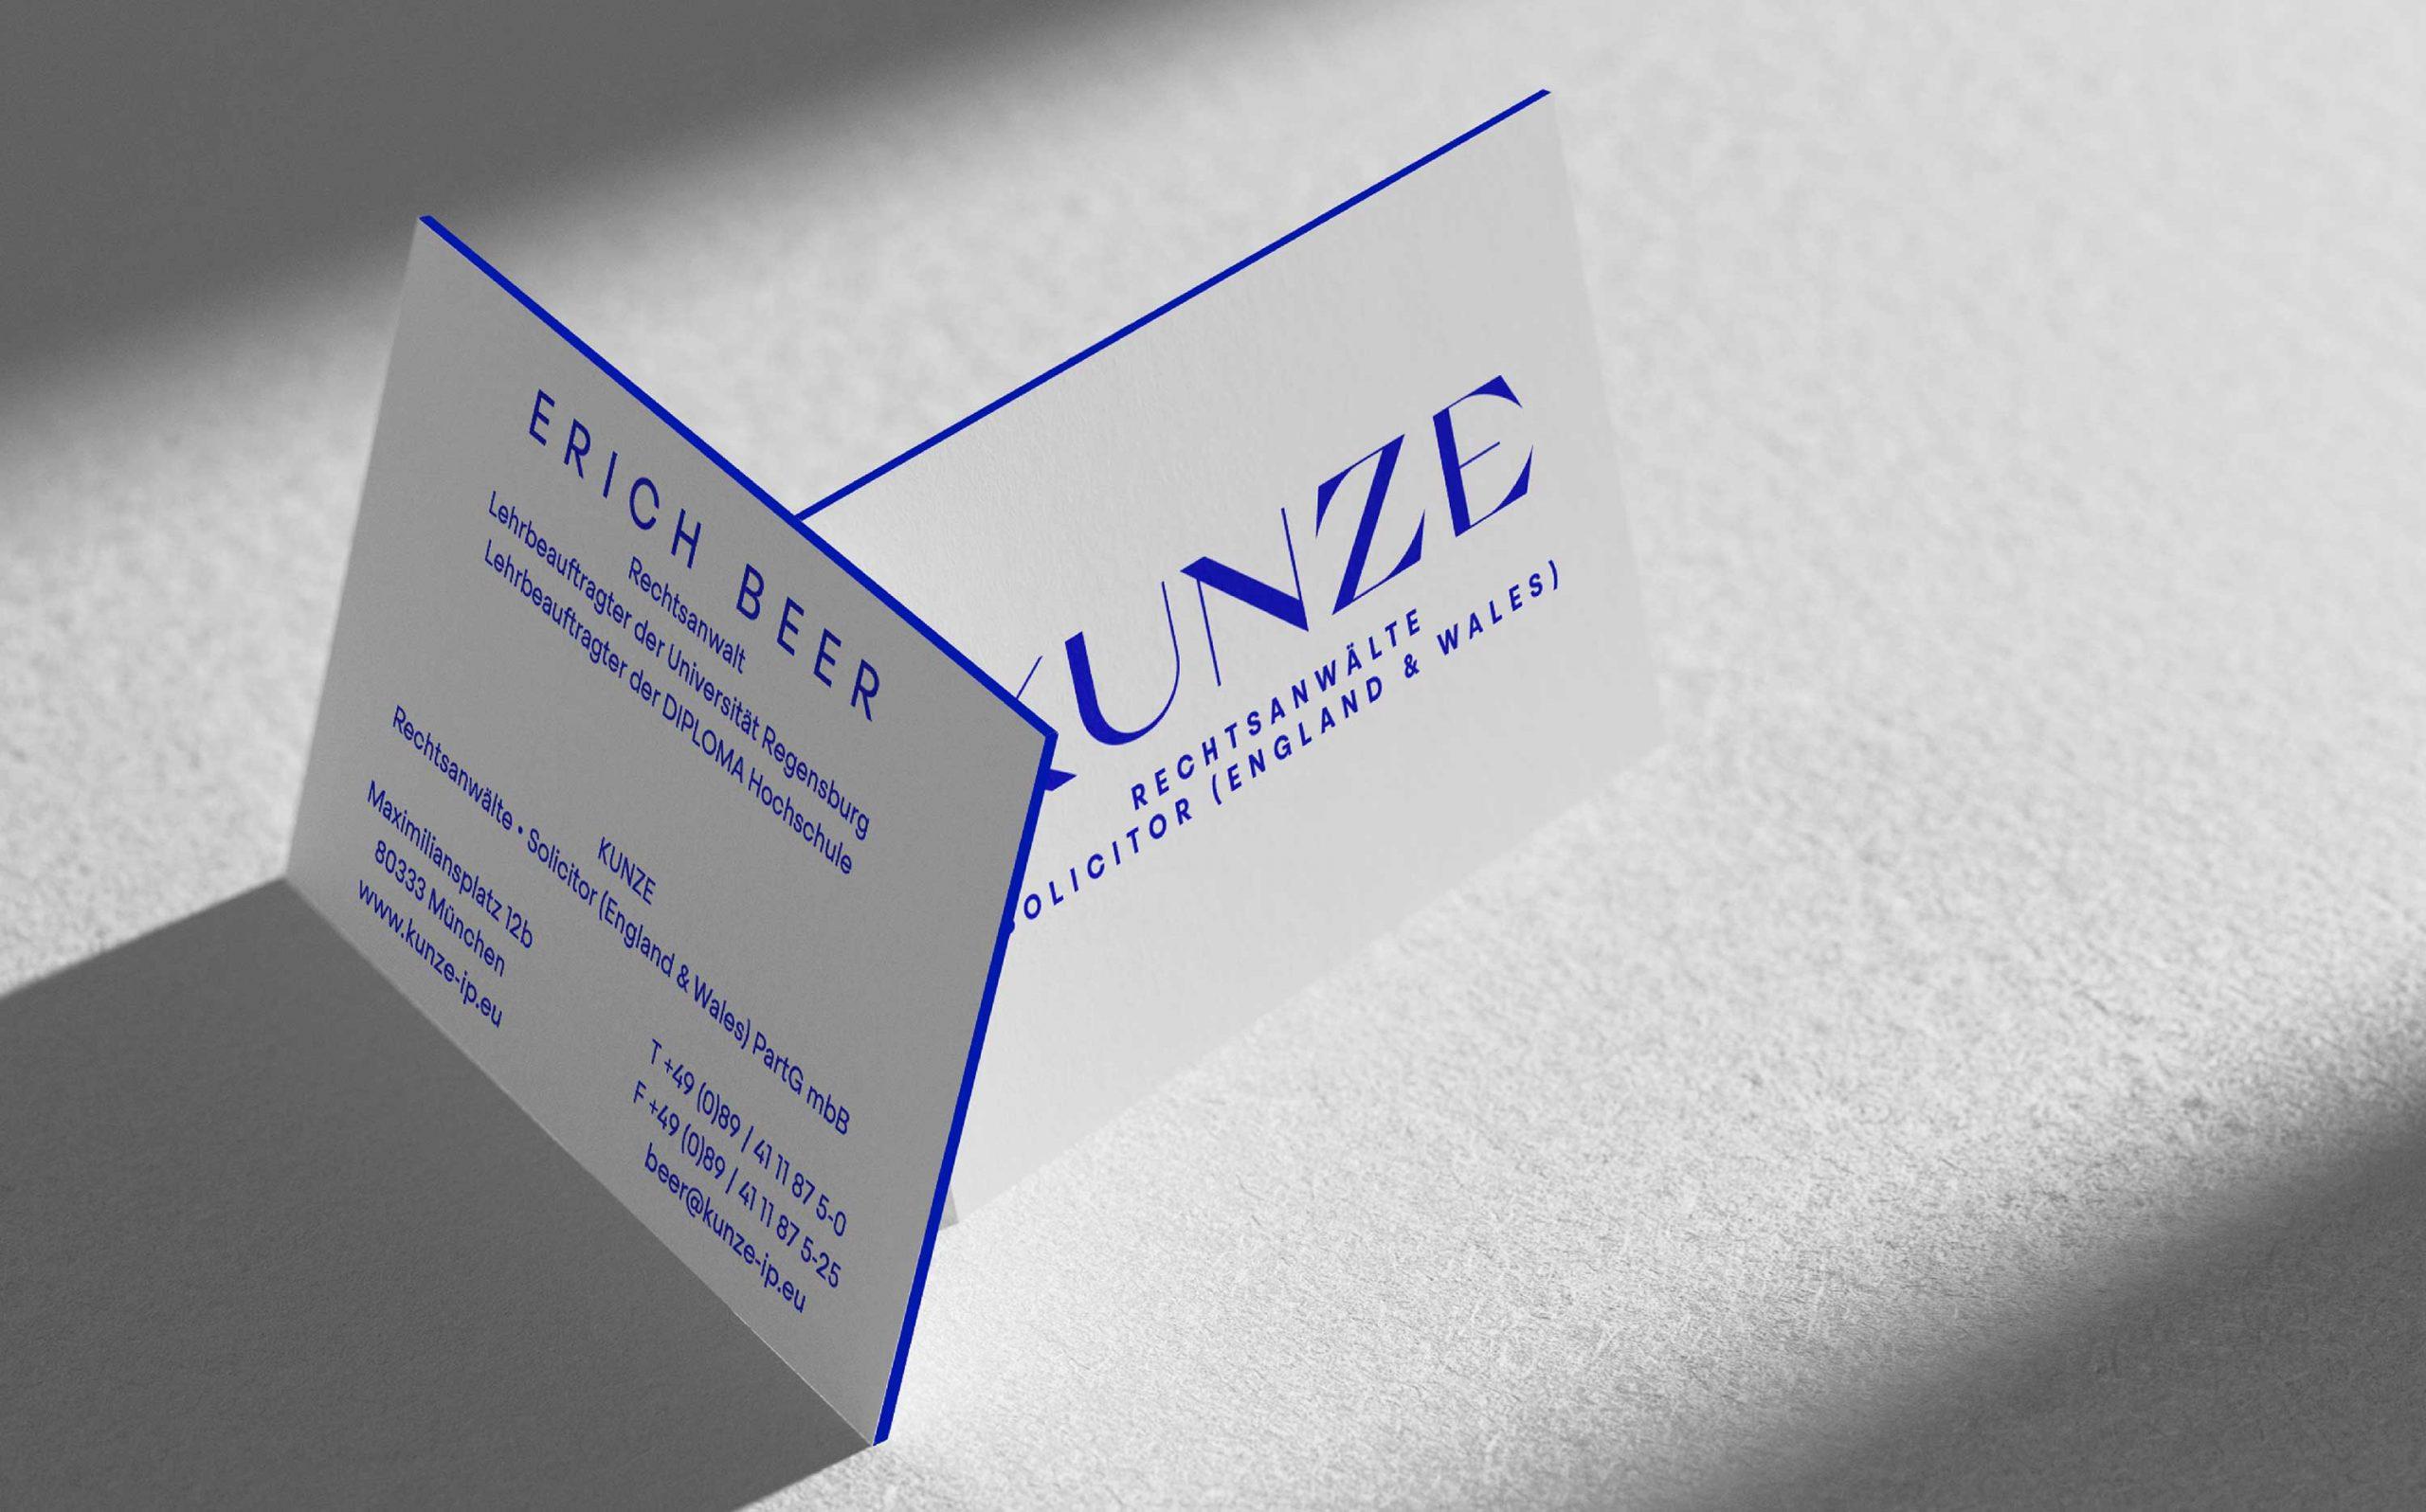 Corporate Design für Kunze Rechtsanwälte, München | Visitenkarten mit blauem Farbschnitt | Keywords: Corporate Design, Branding, Contemporary Design, Blau, Blue, Typografie, Typography, Graphic Design, Grafikdesign, Abstrakte Kunst